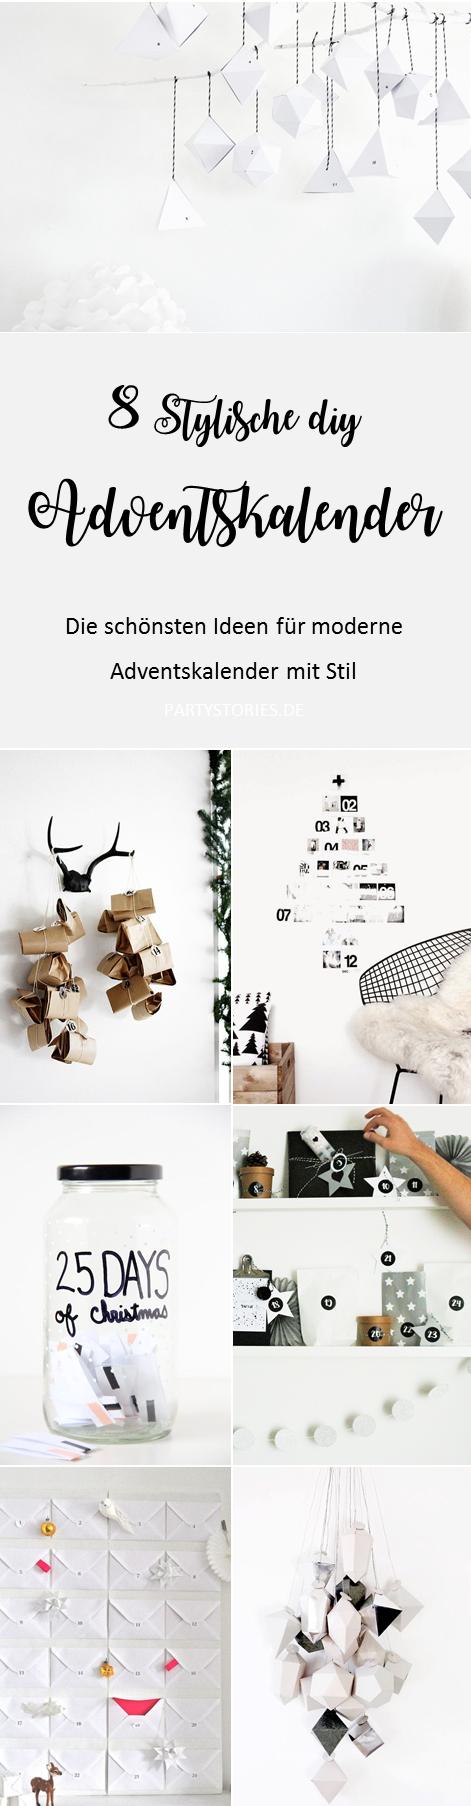 Bild: DIY Adventskalender -moderne und stylische Adventskalender Ideen von Pinterest zum selber basteln; gefunden auf www.partystories.de